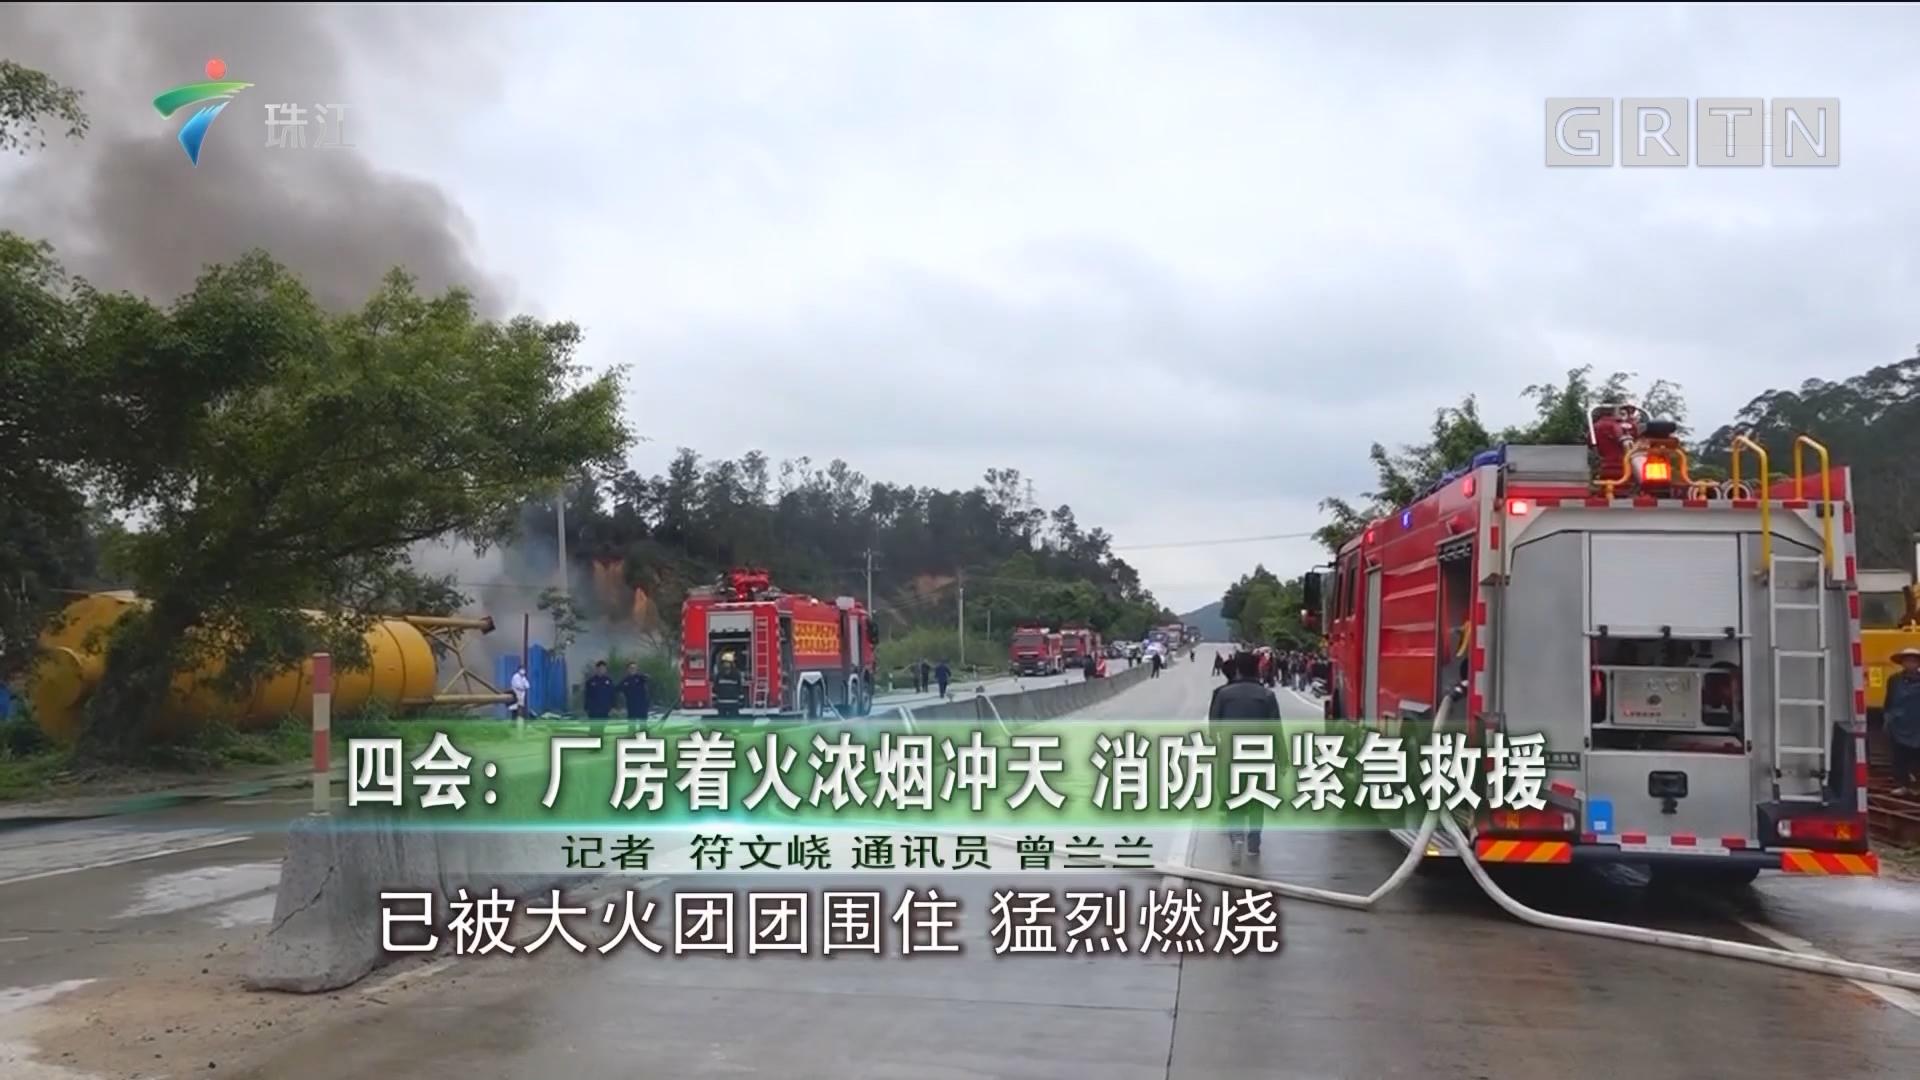 四会:厂房着火浓烟冲天 消防员紧急救援